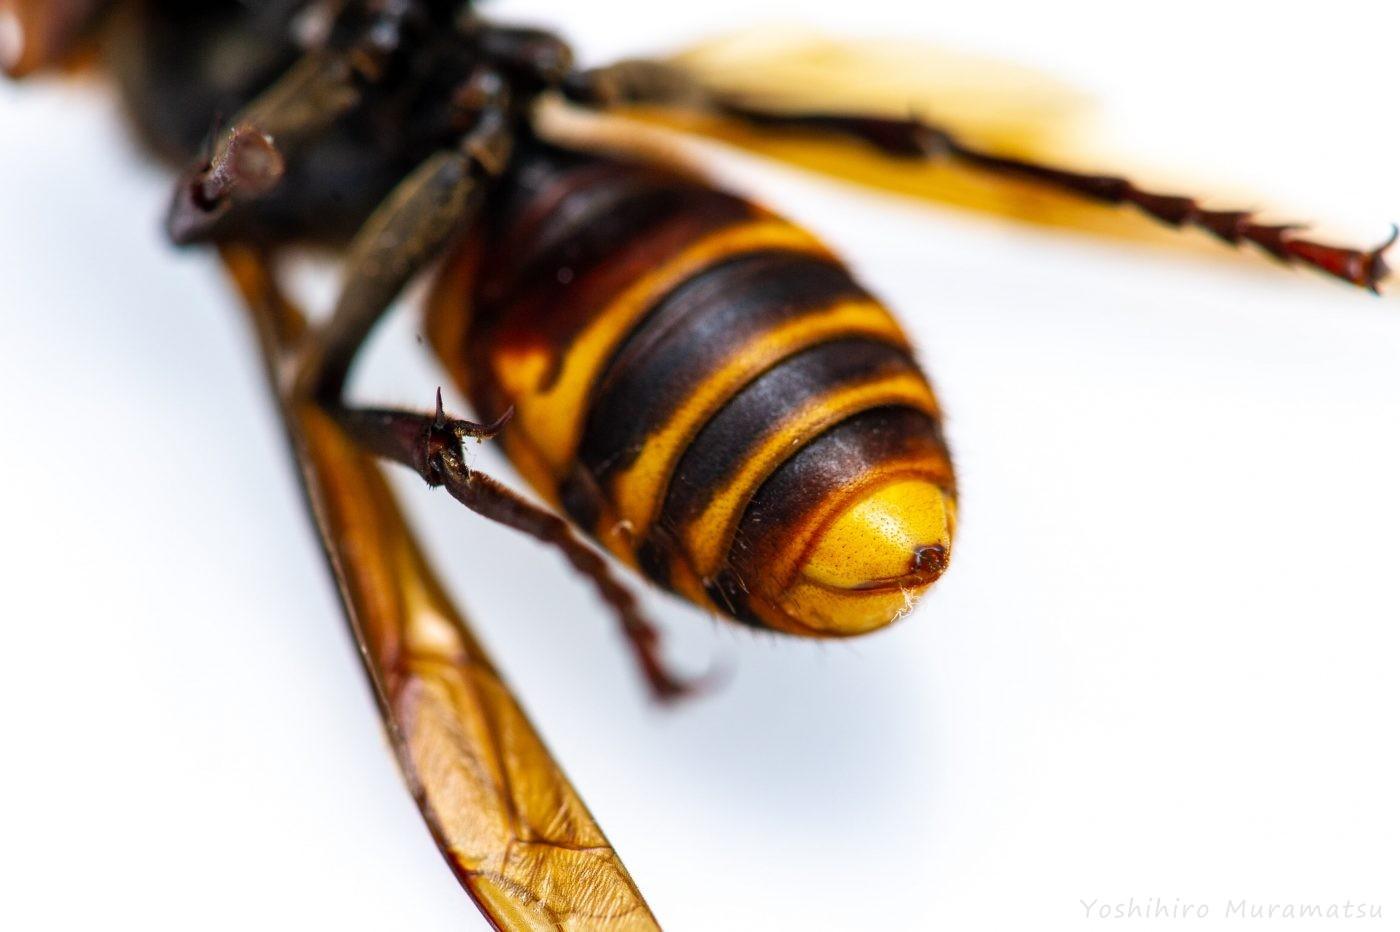 オオスズメバチの写真